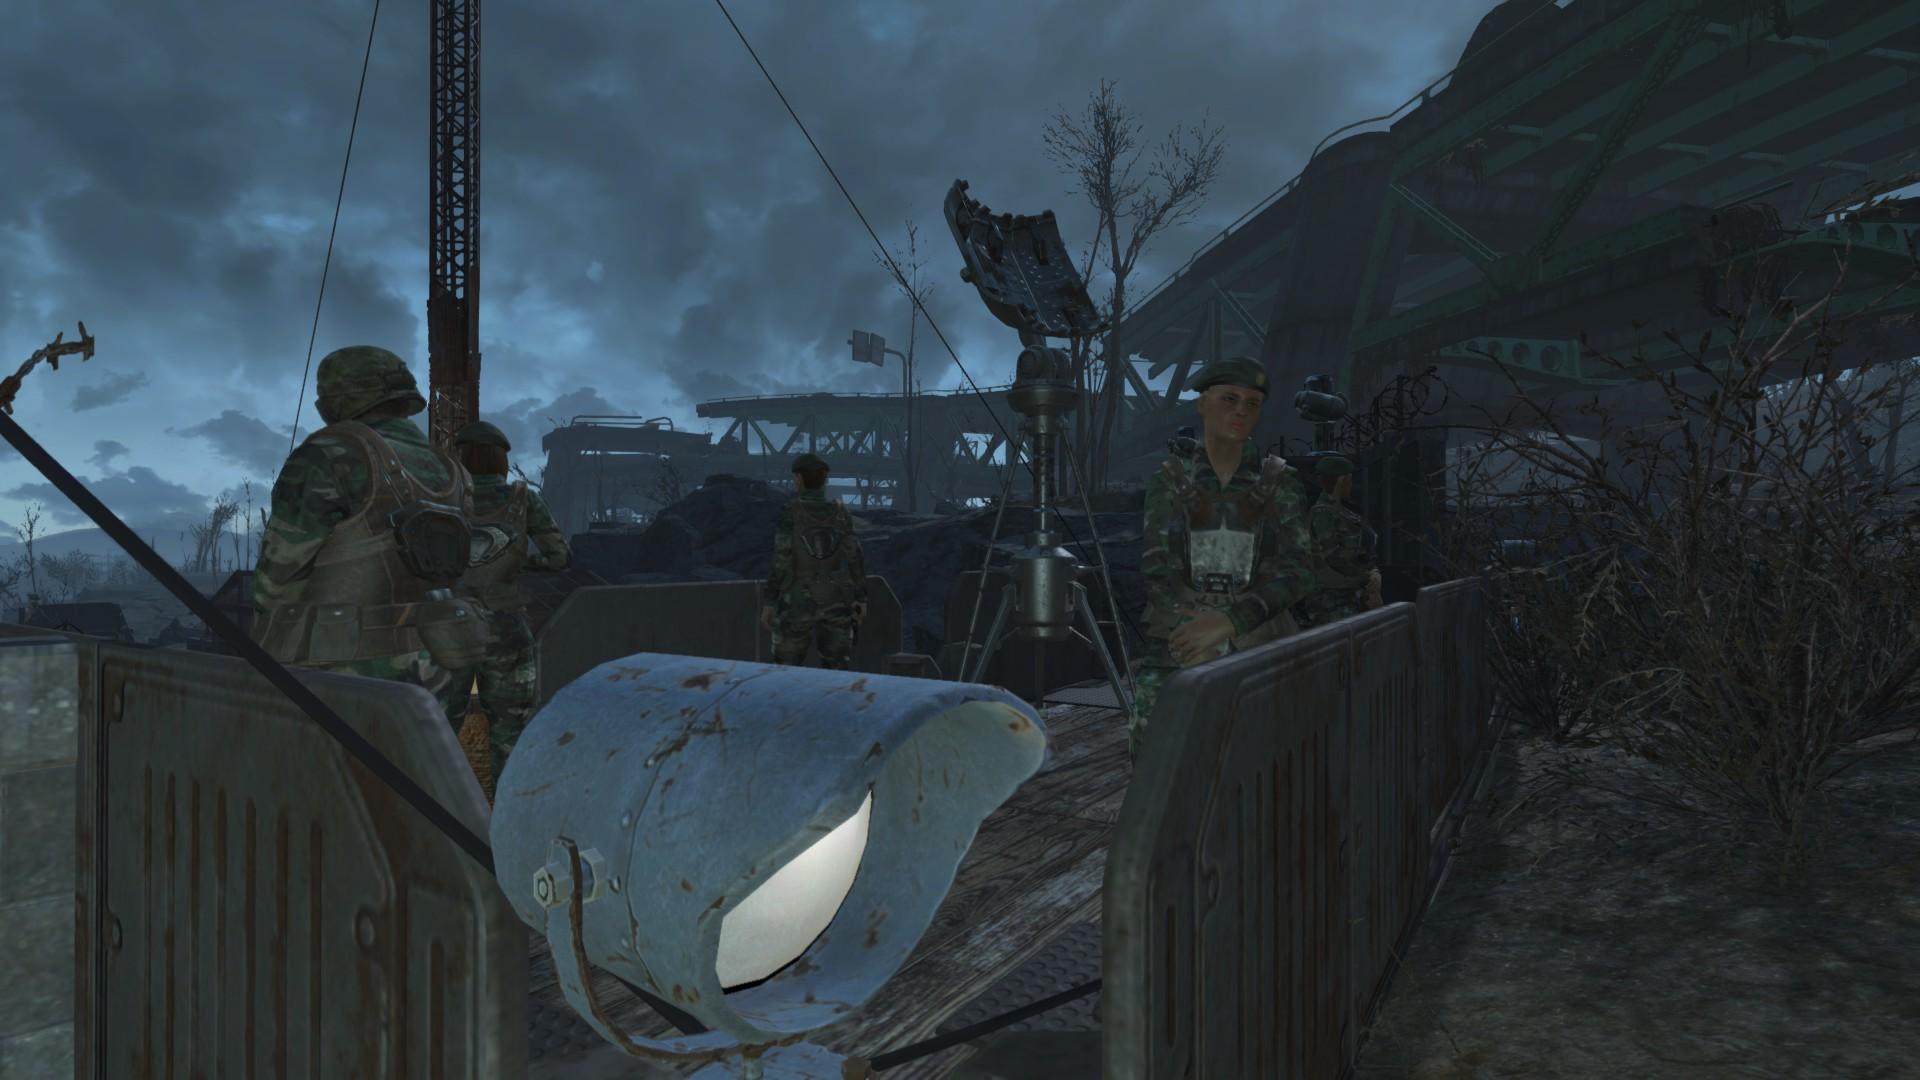 Show your Fallout 4 Settlements! 9F64A8D6BCDFD15D463E396A1AF5558EB76F8A7C